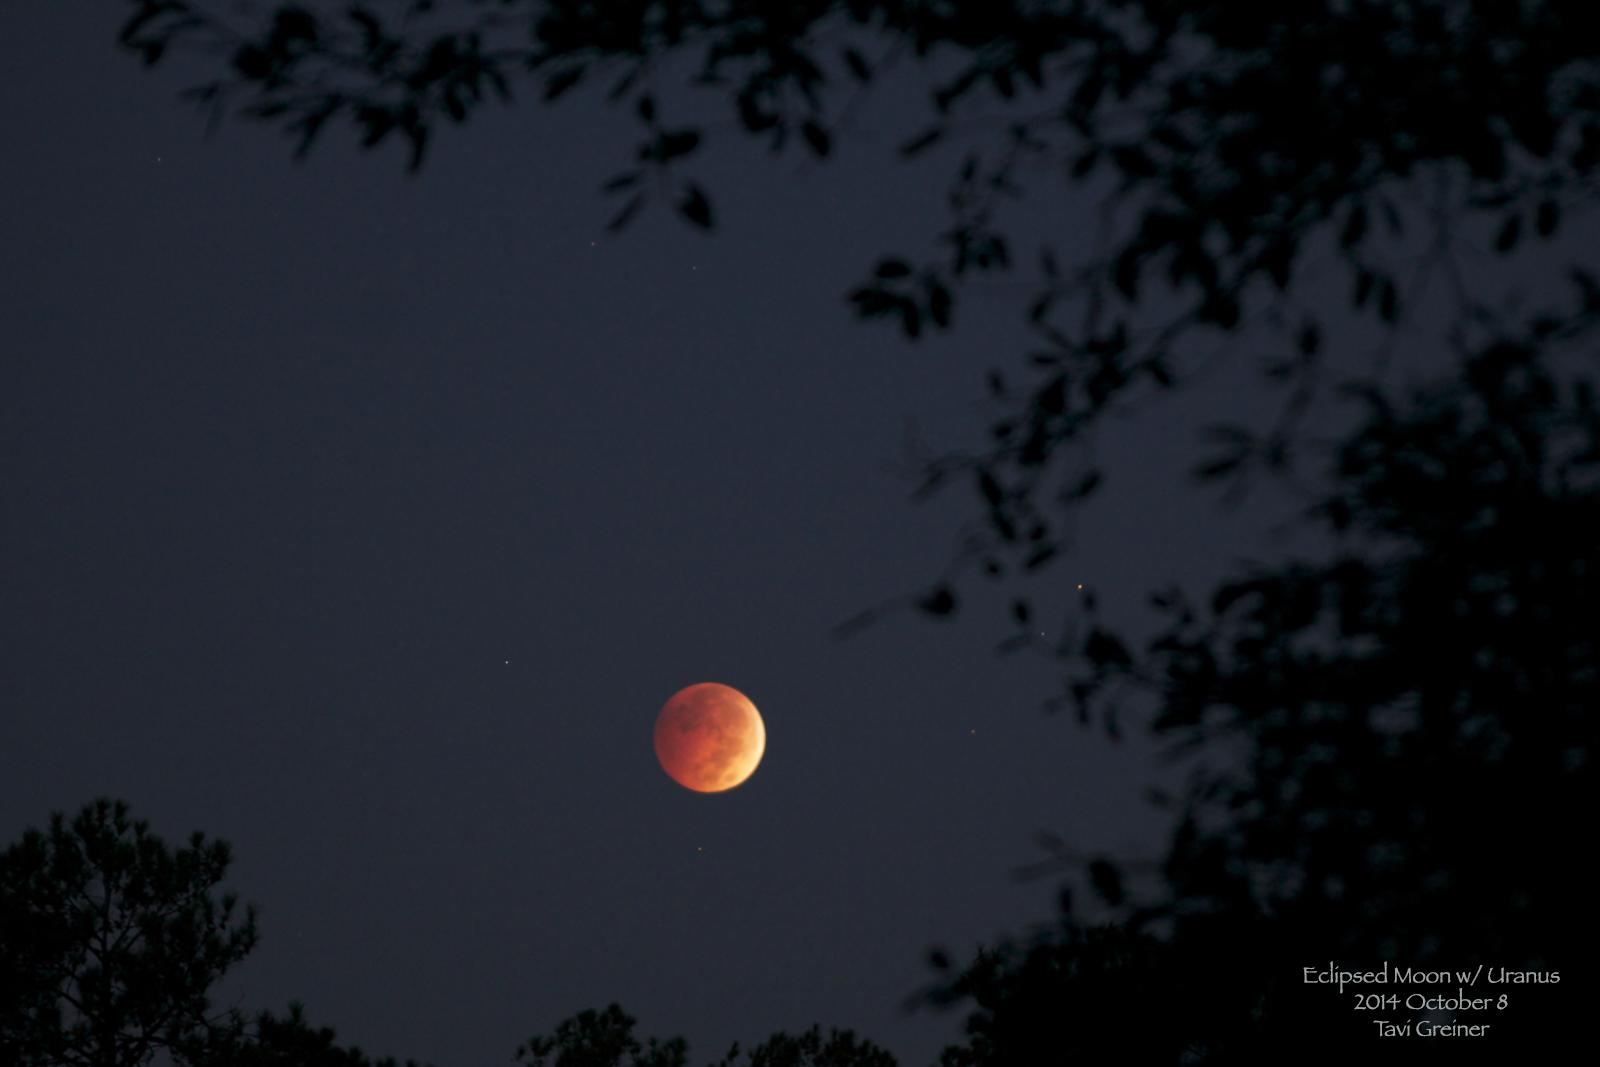 Mặt Trăng chuyển màu đỏ trong chòm sao Pisces (hai con cá) cùng hành tinh Thiên Vương là chấm màu xanh nhỏ phía trên bên phải so với Mặt Trăng. Tác giả Tavi Greiner chụp ở Calabash, bắc California.